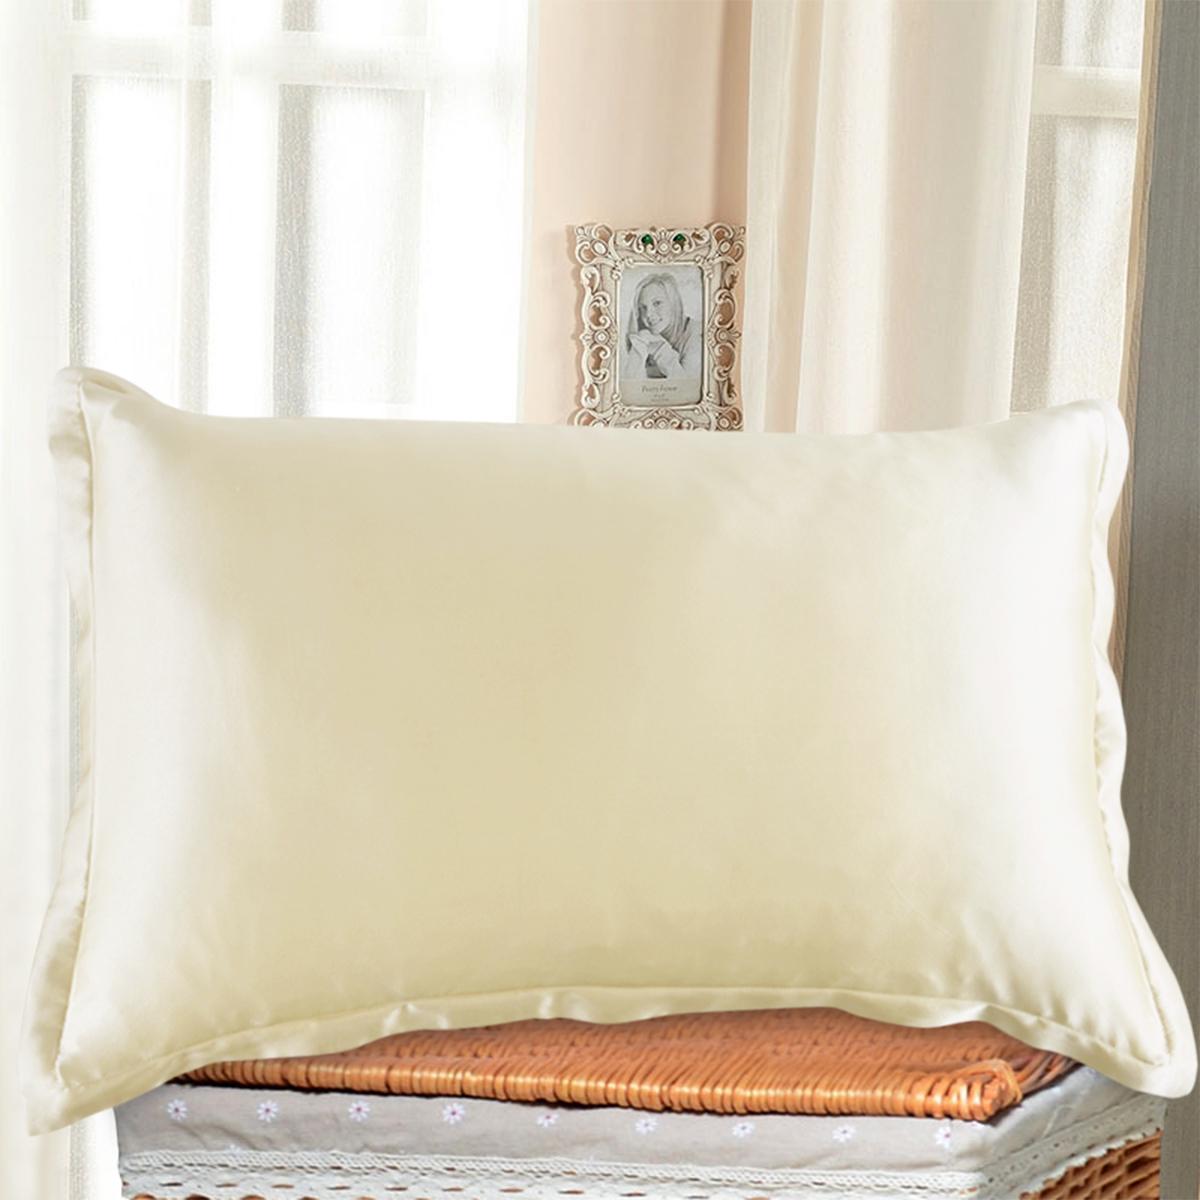 1 Pair Silky Soft Silk Pillow Case Beauty Pillowcase Bed Sleep Helper-Black